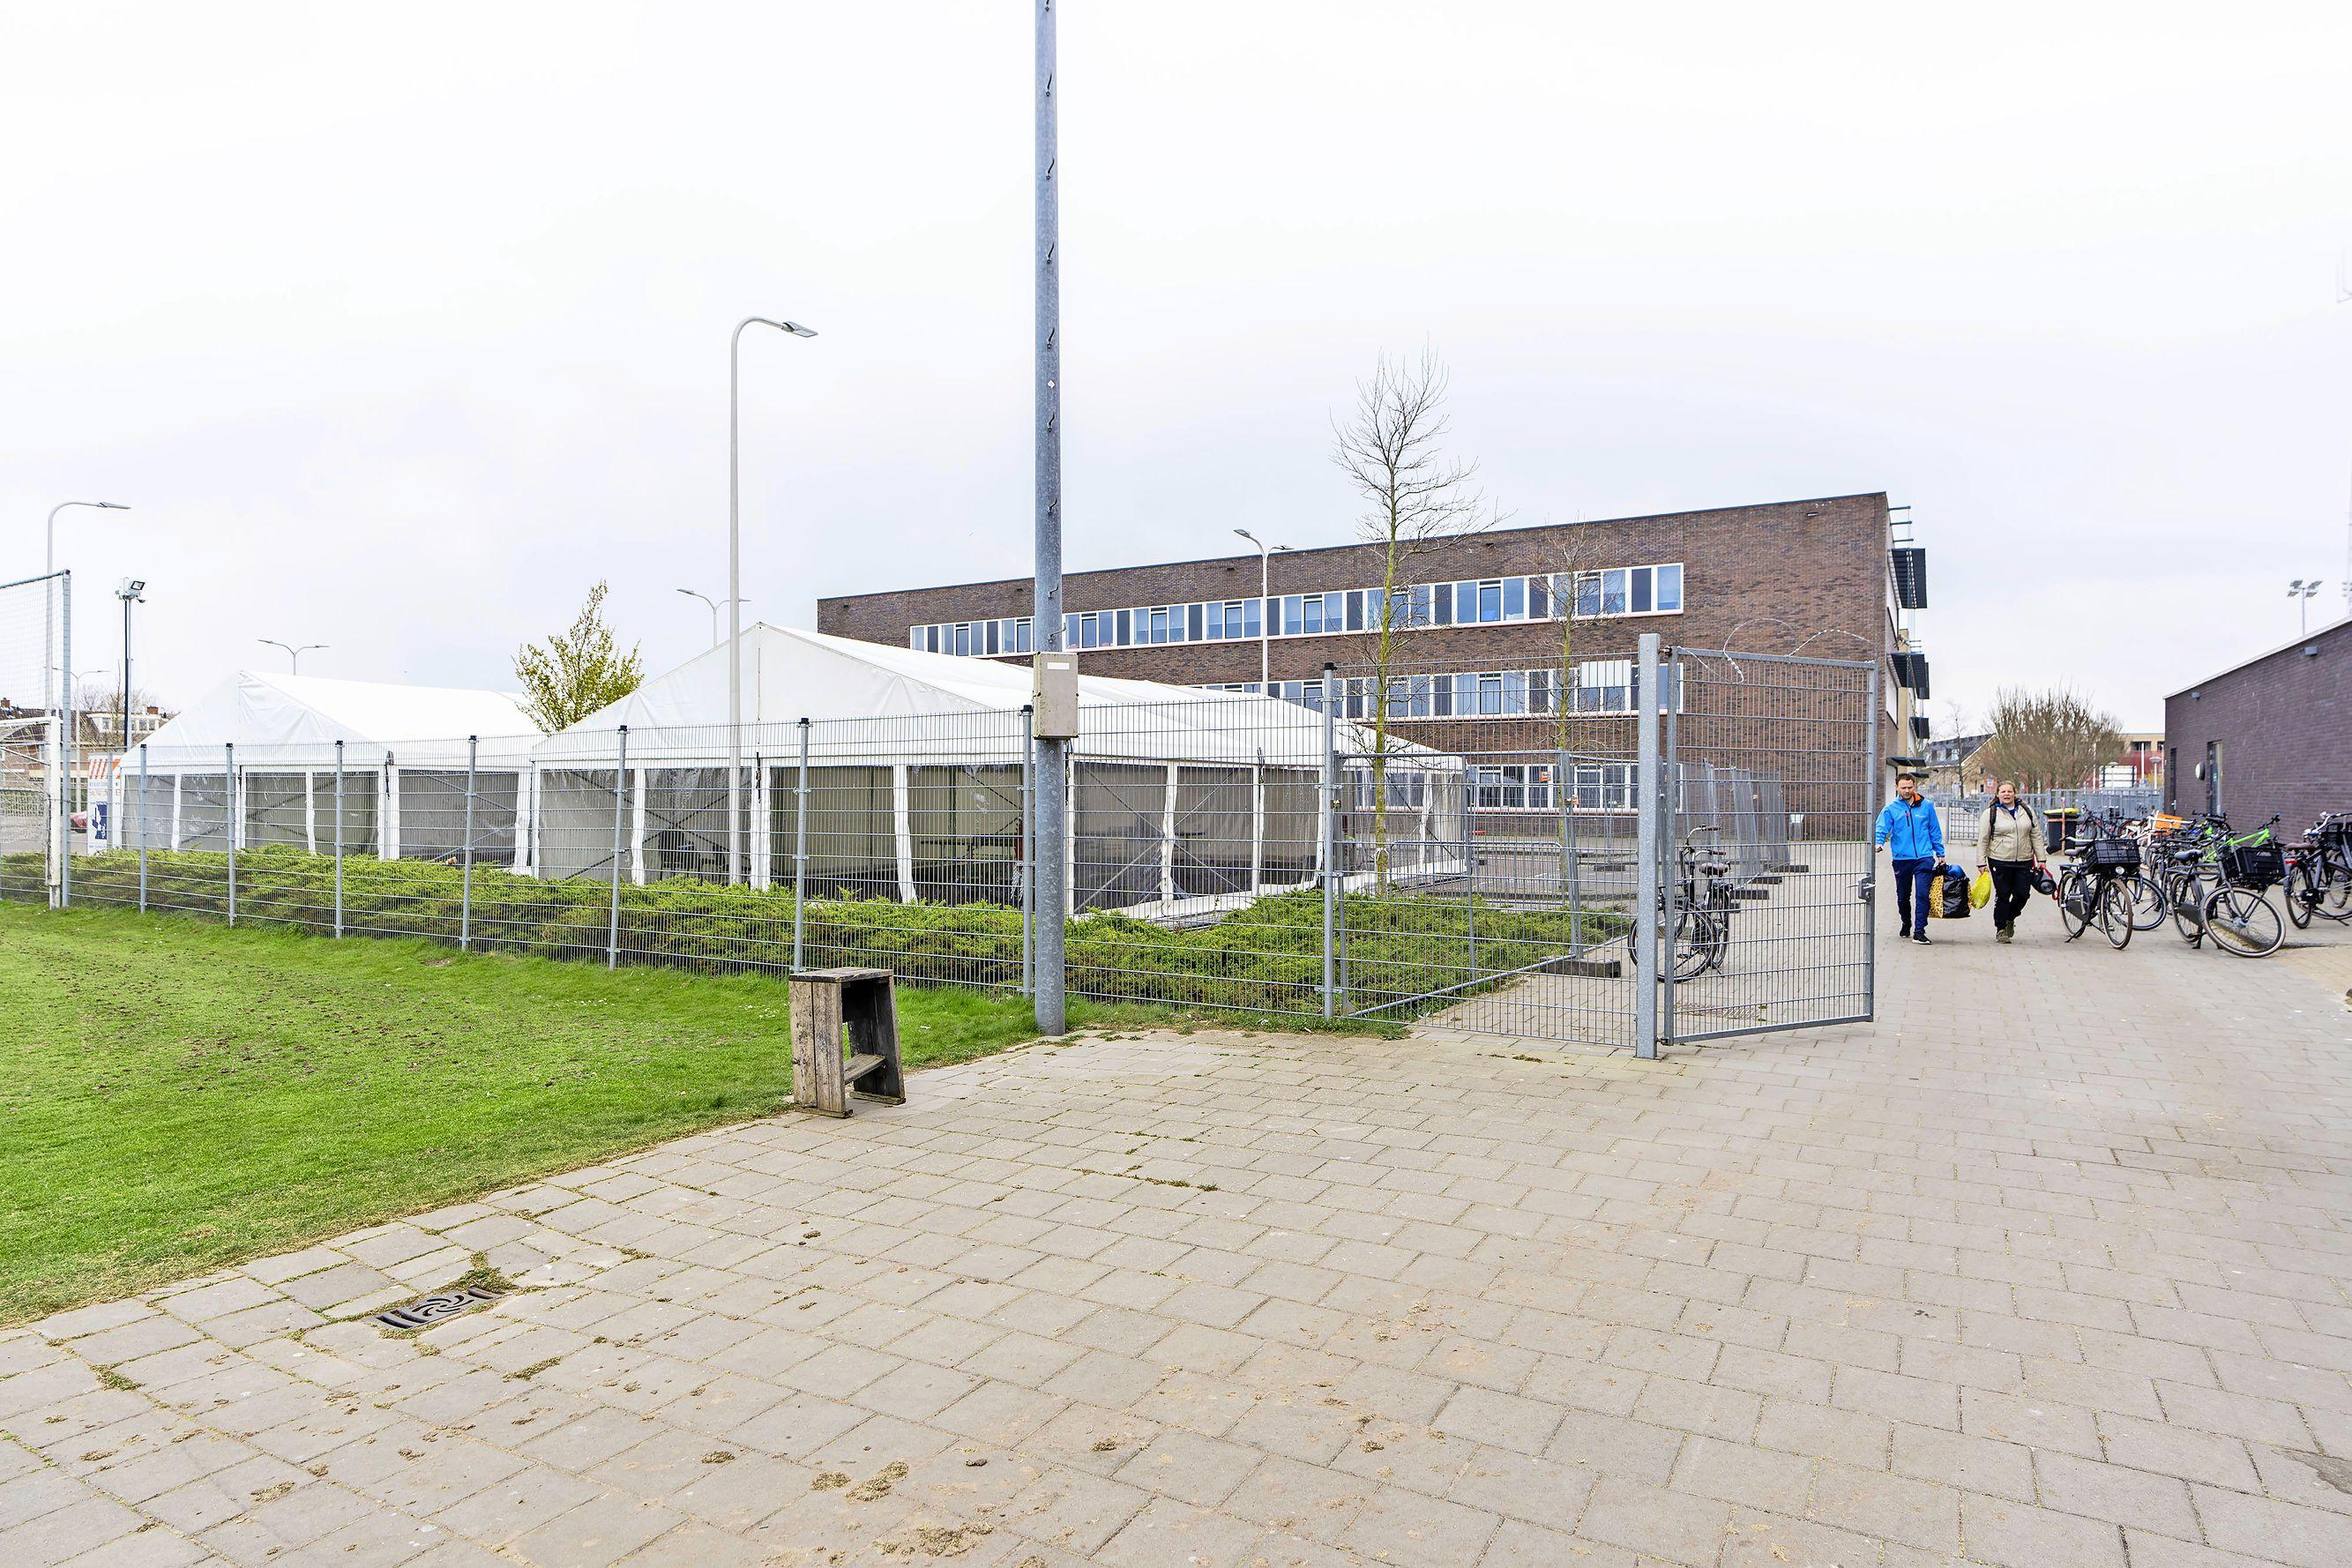 Meeste Noordwijkse sportverenigingen zijn goed door coronacrisis gekomen